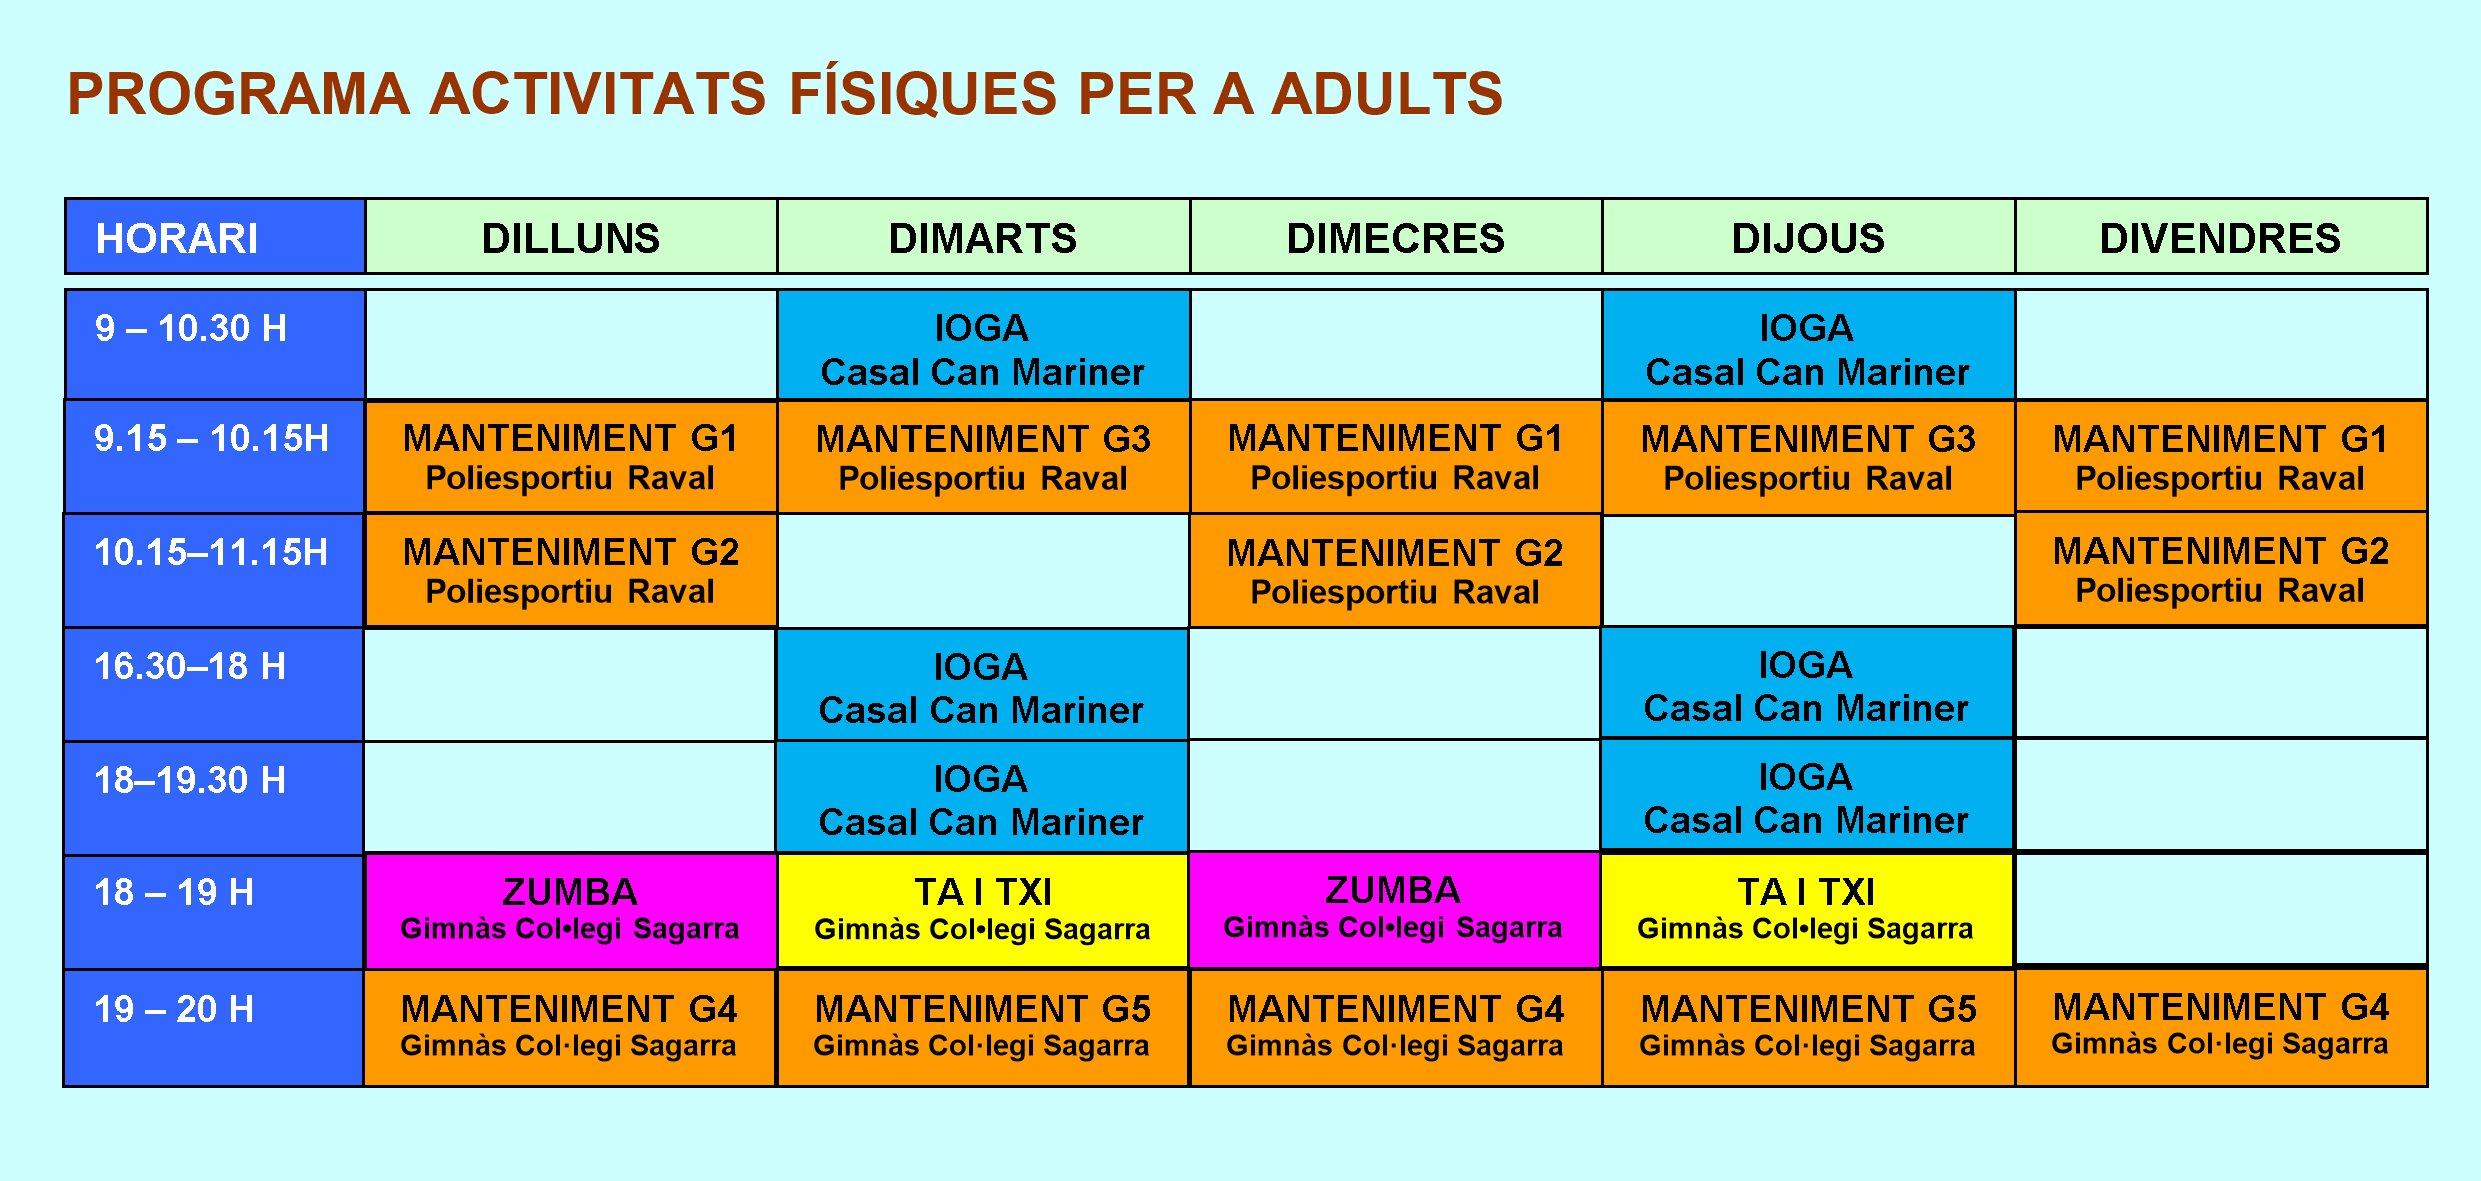 horarios 19-20